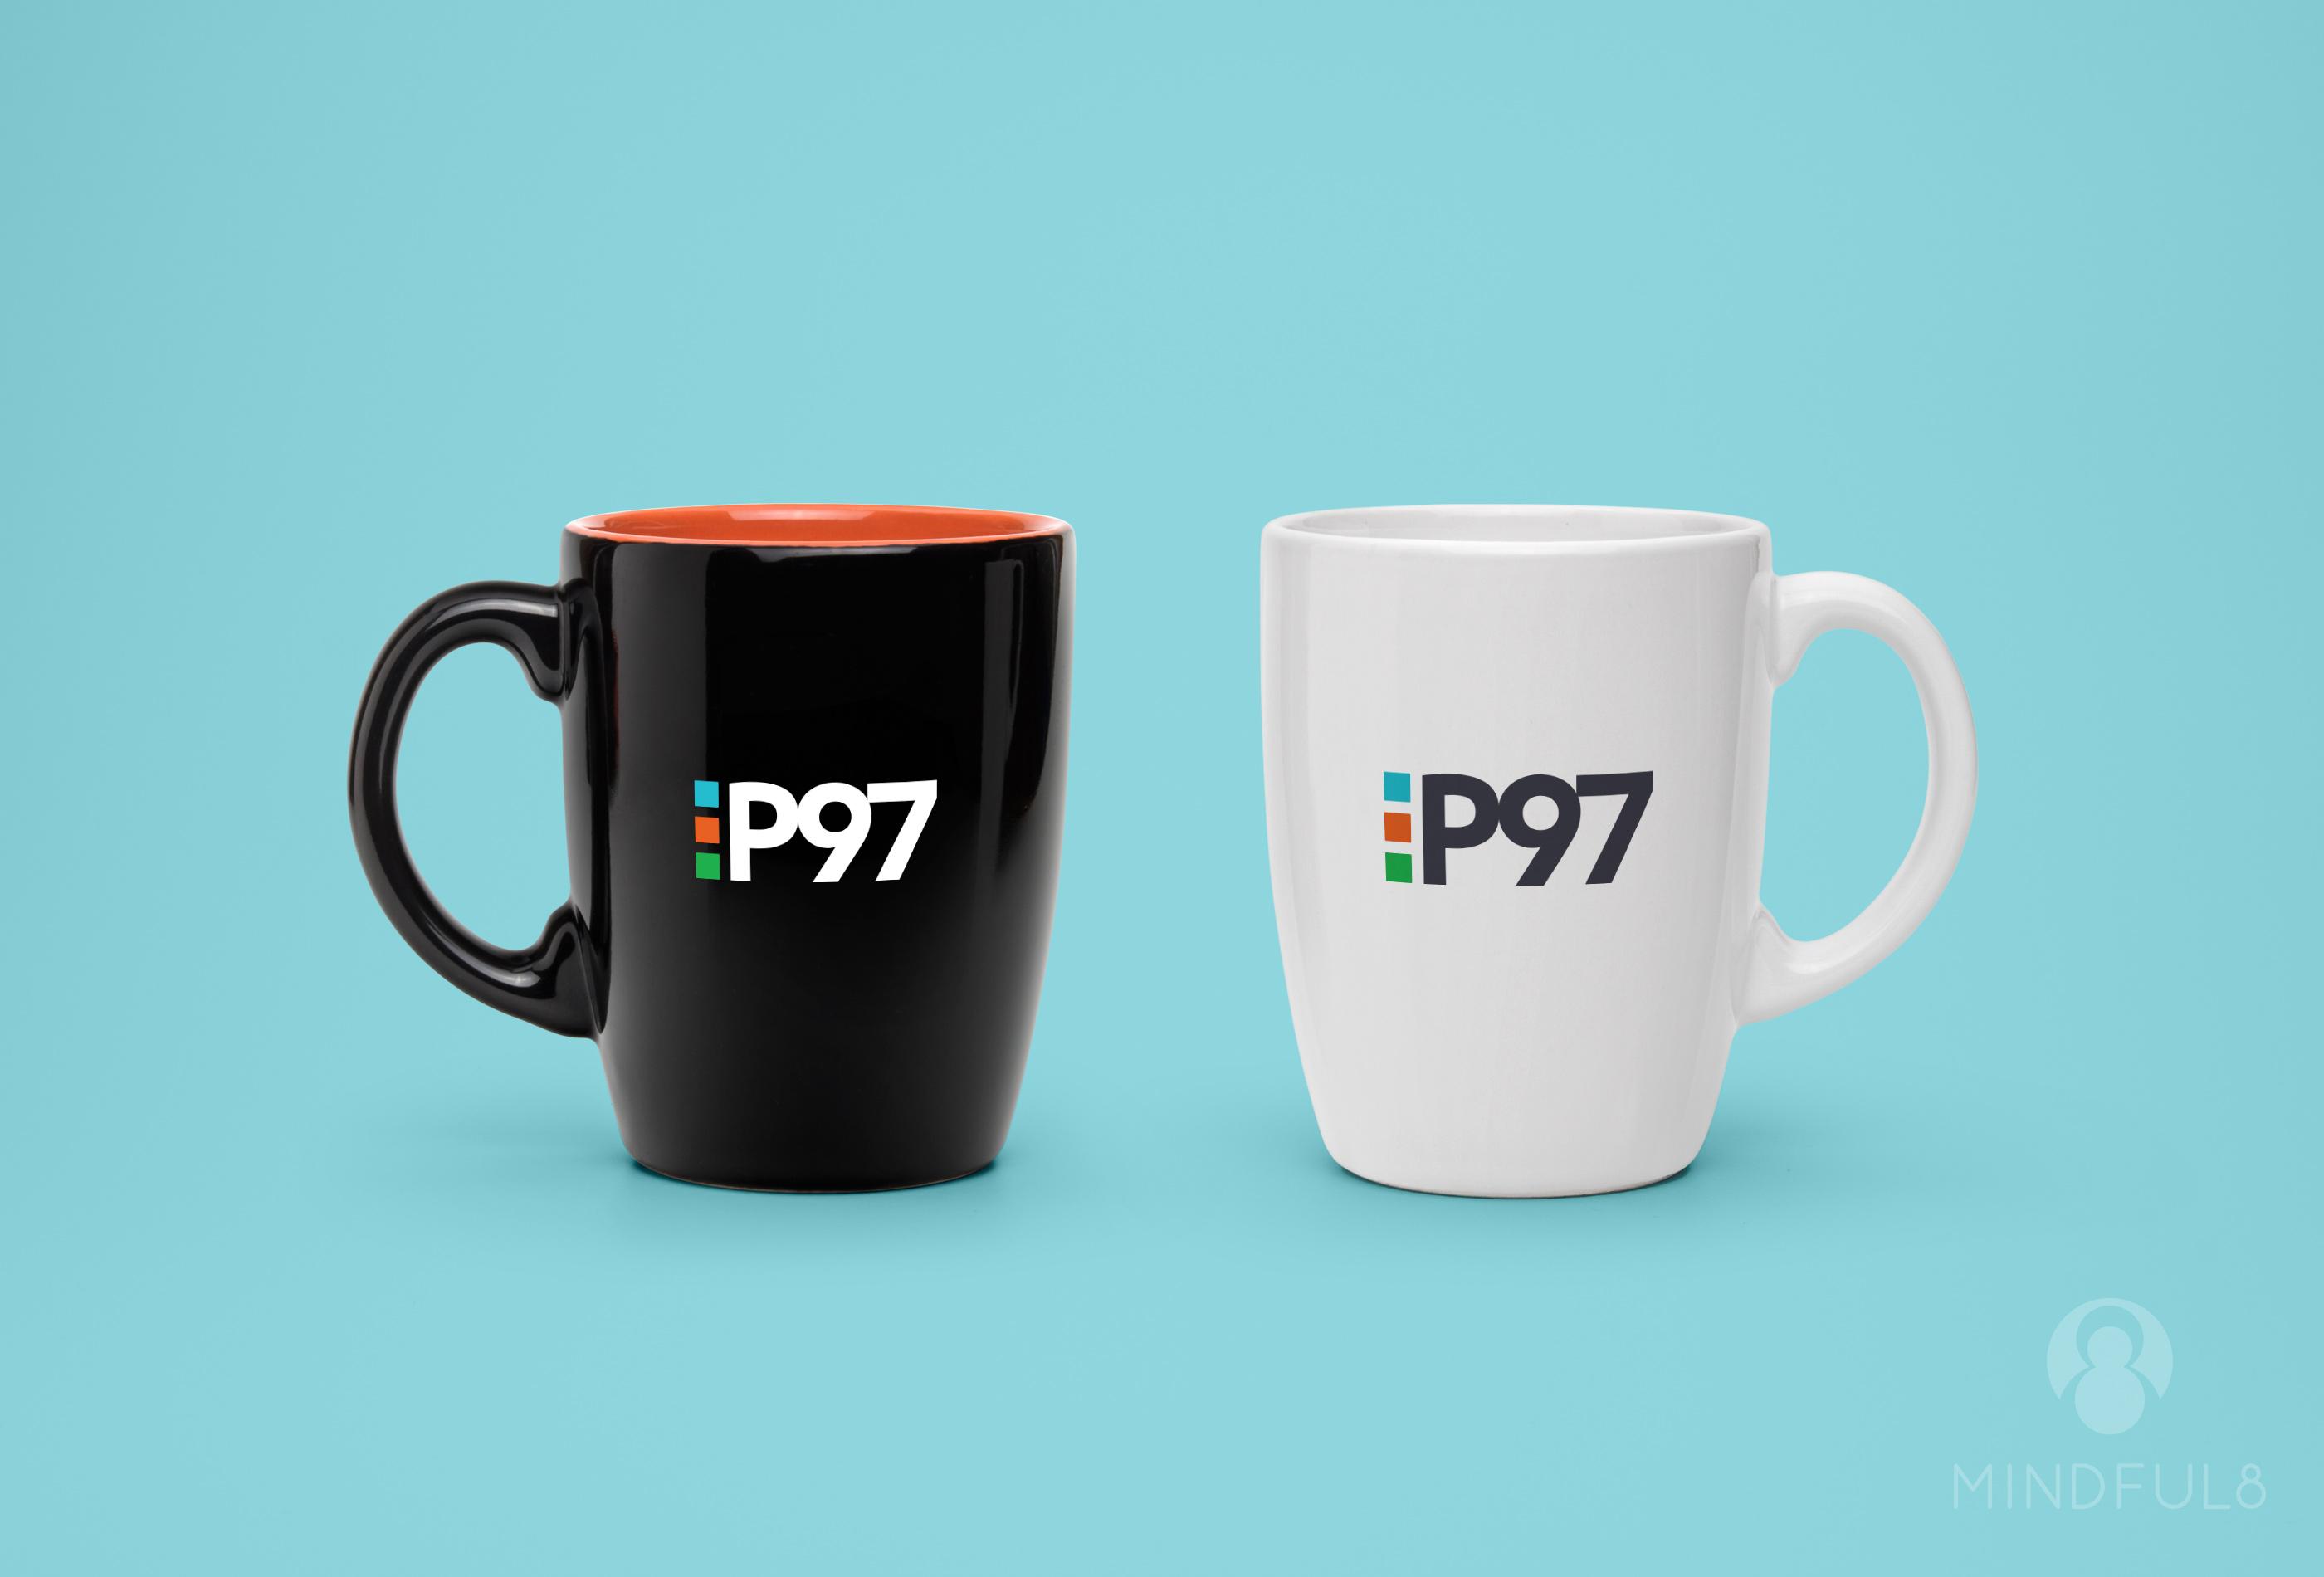 P97mugs